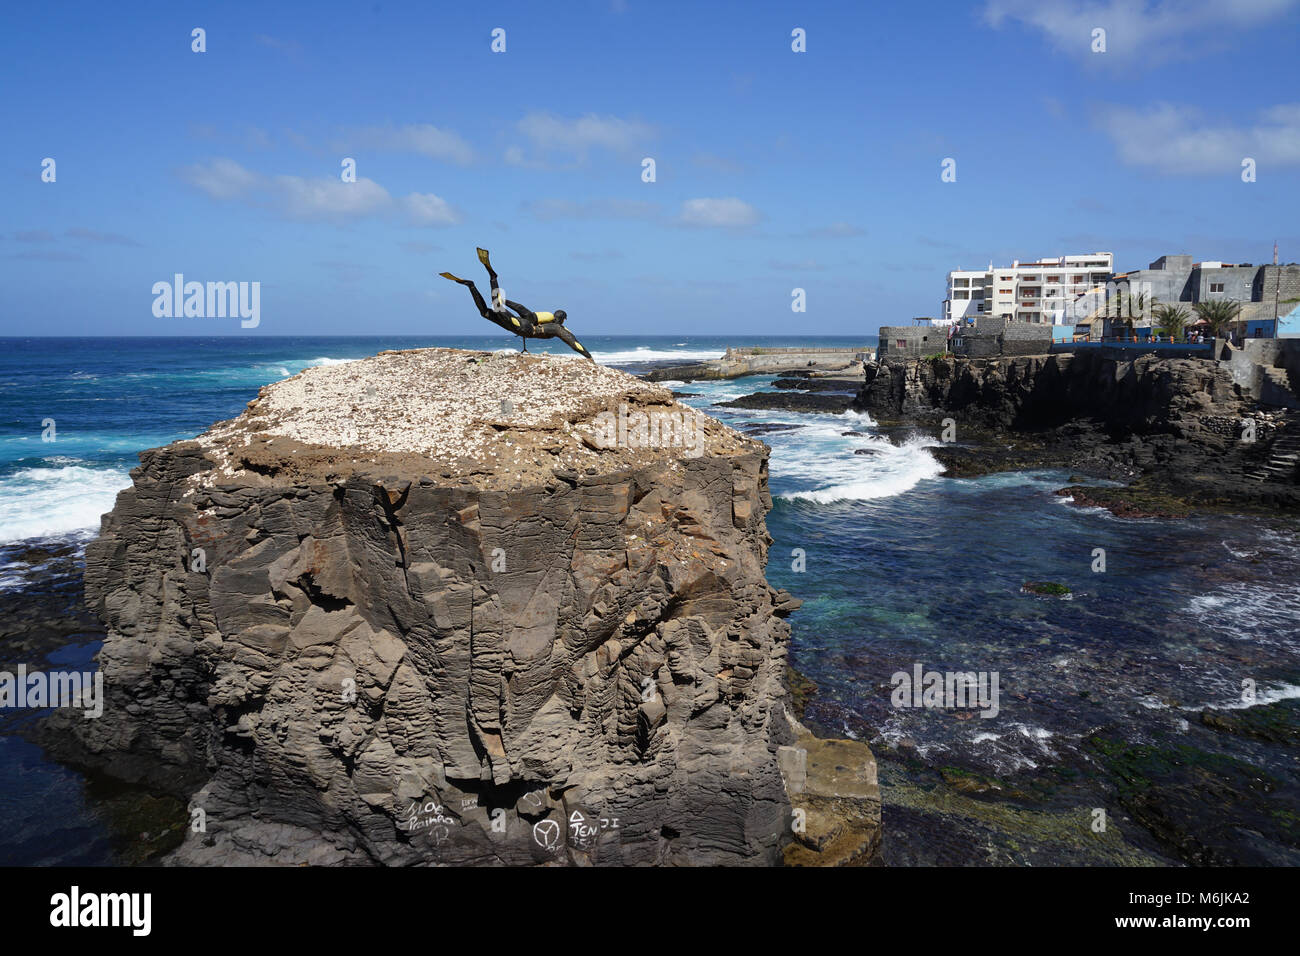 scuba diver statue on a rock facing the sea ponta do sol santo